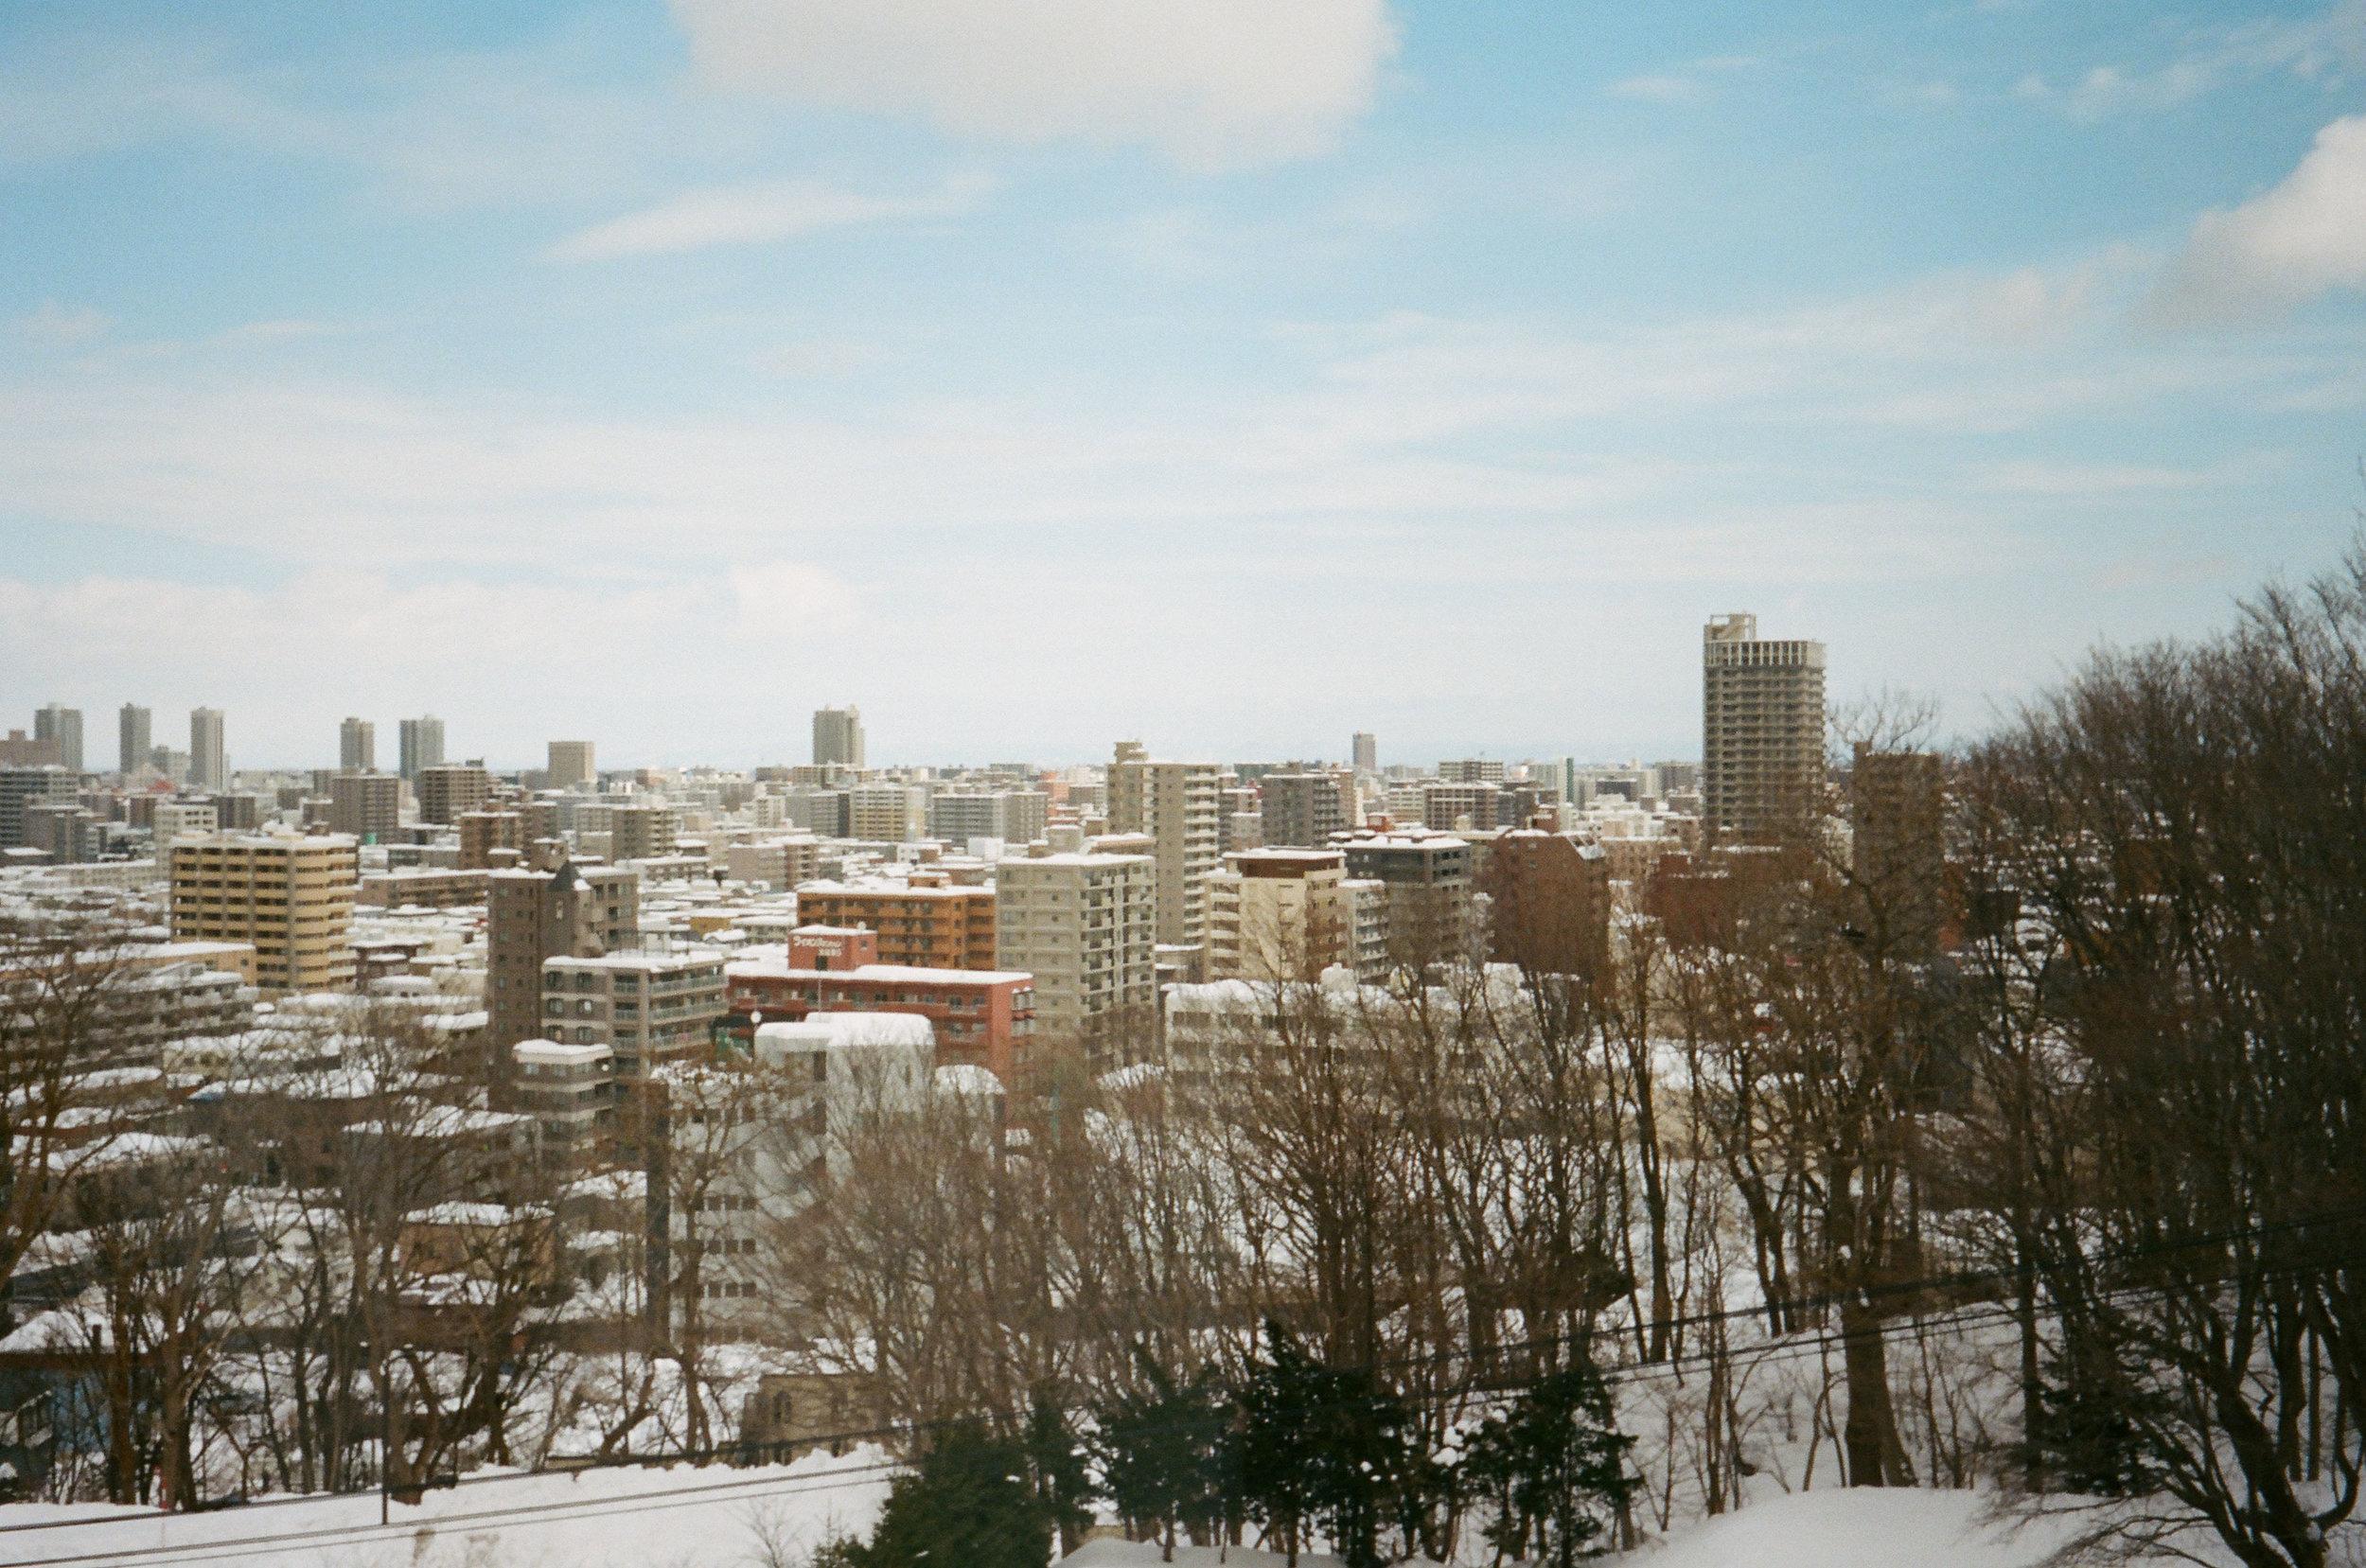 13-JAPON-numerique-Sapporo-fevrier-2017-0048.jpg